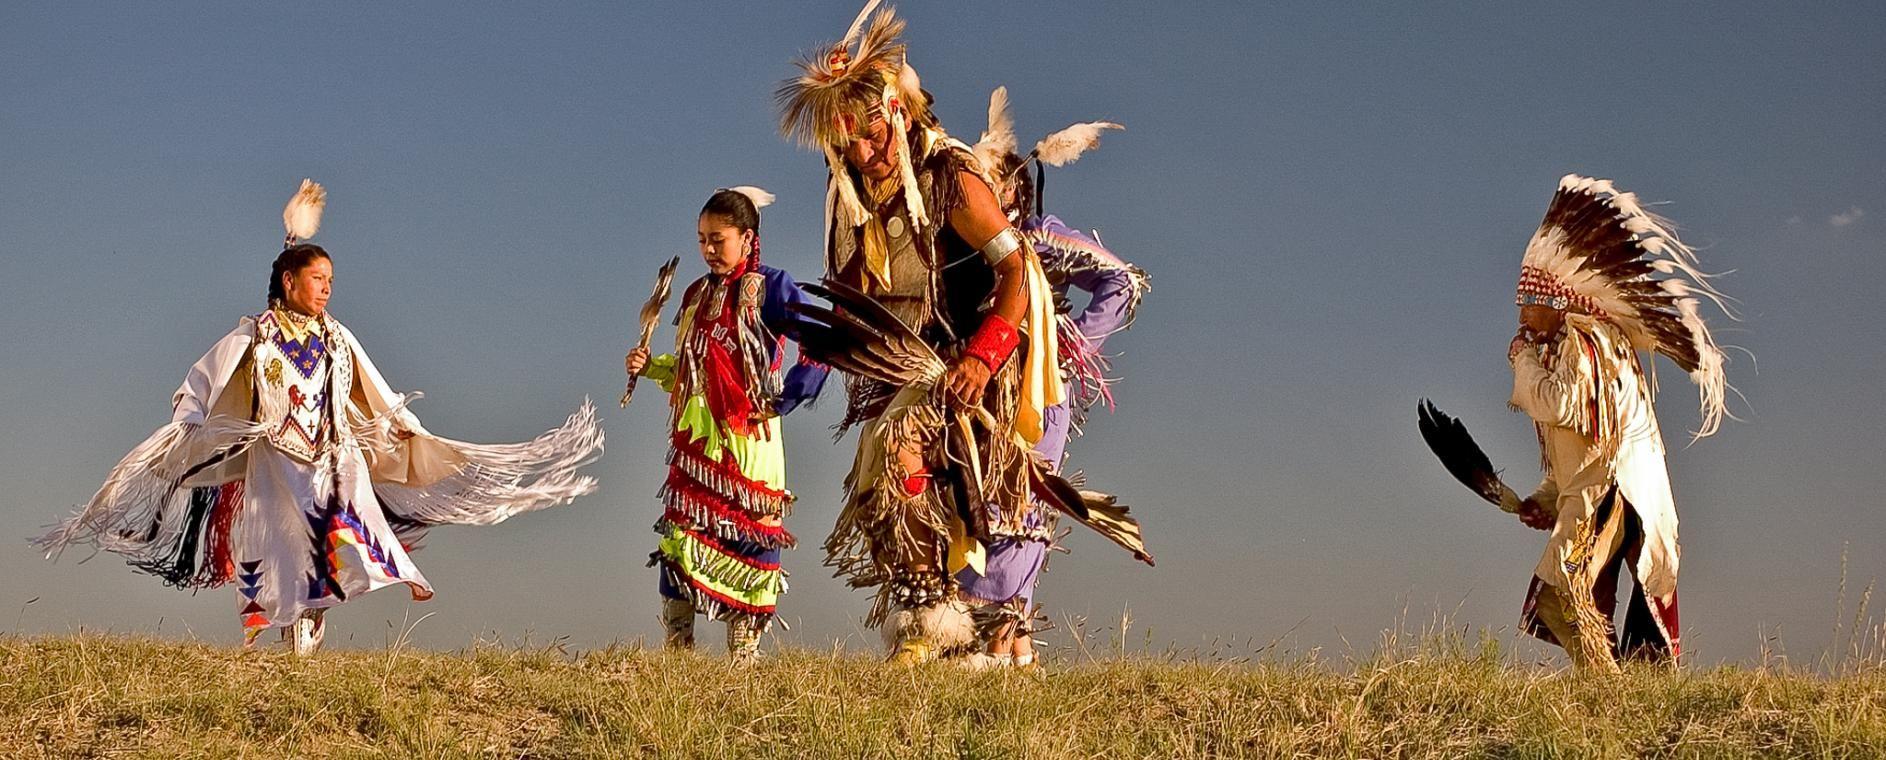 Местная культура народности Лакоты в Бэдлендс